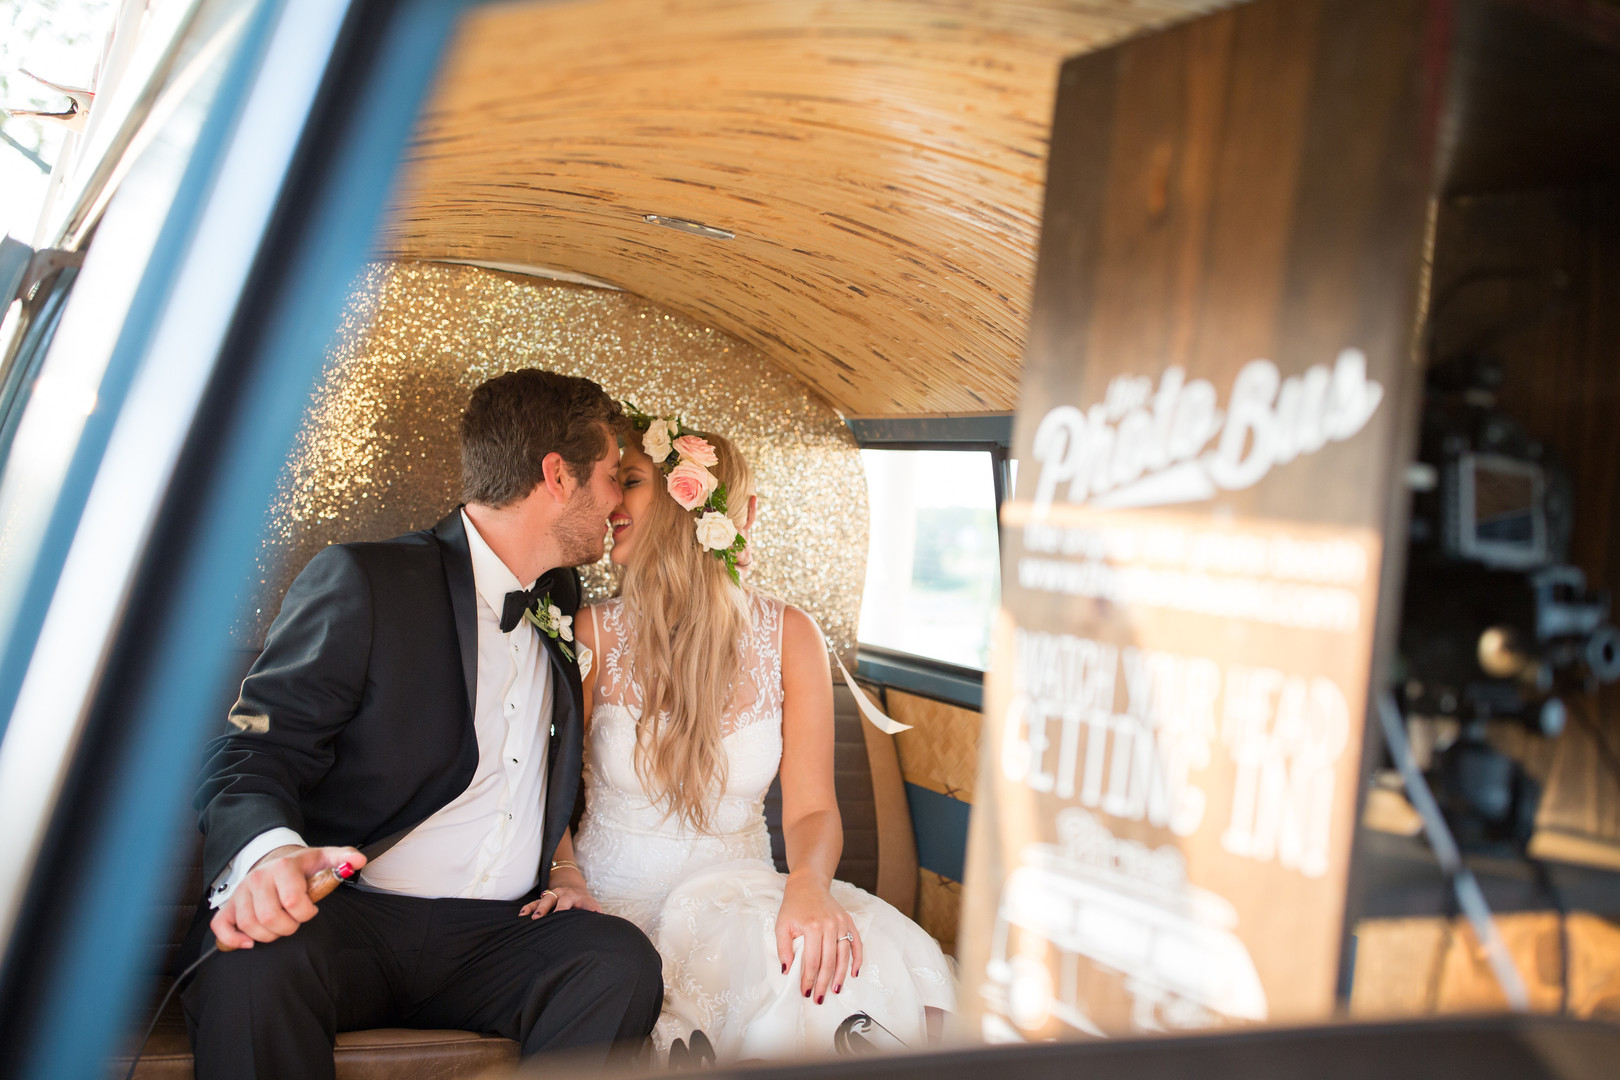 höst+bröllop+september+photo+booth